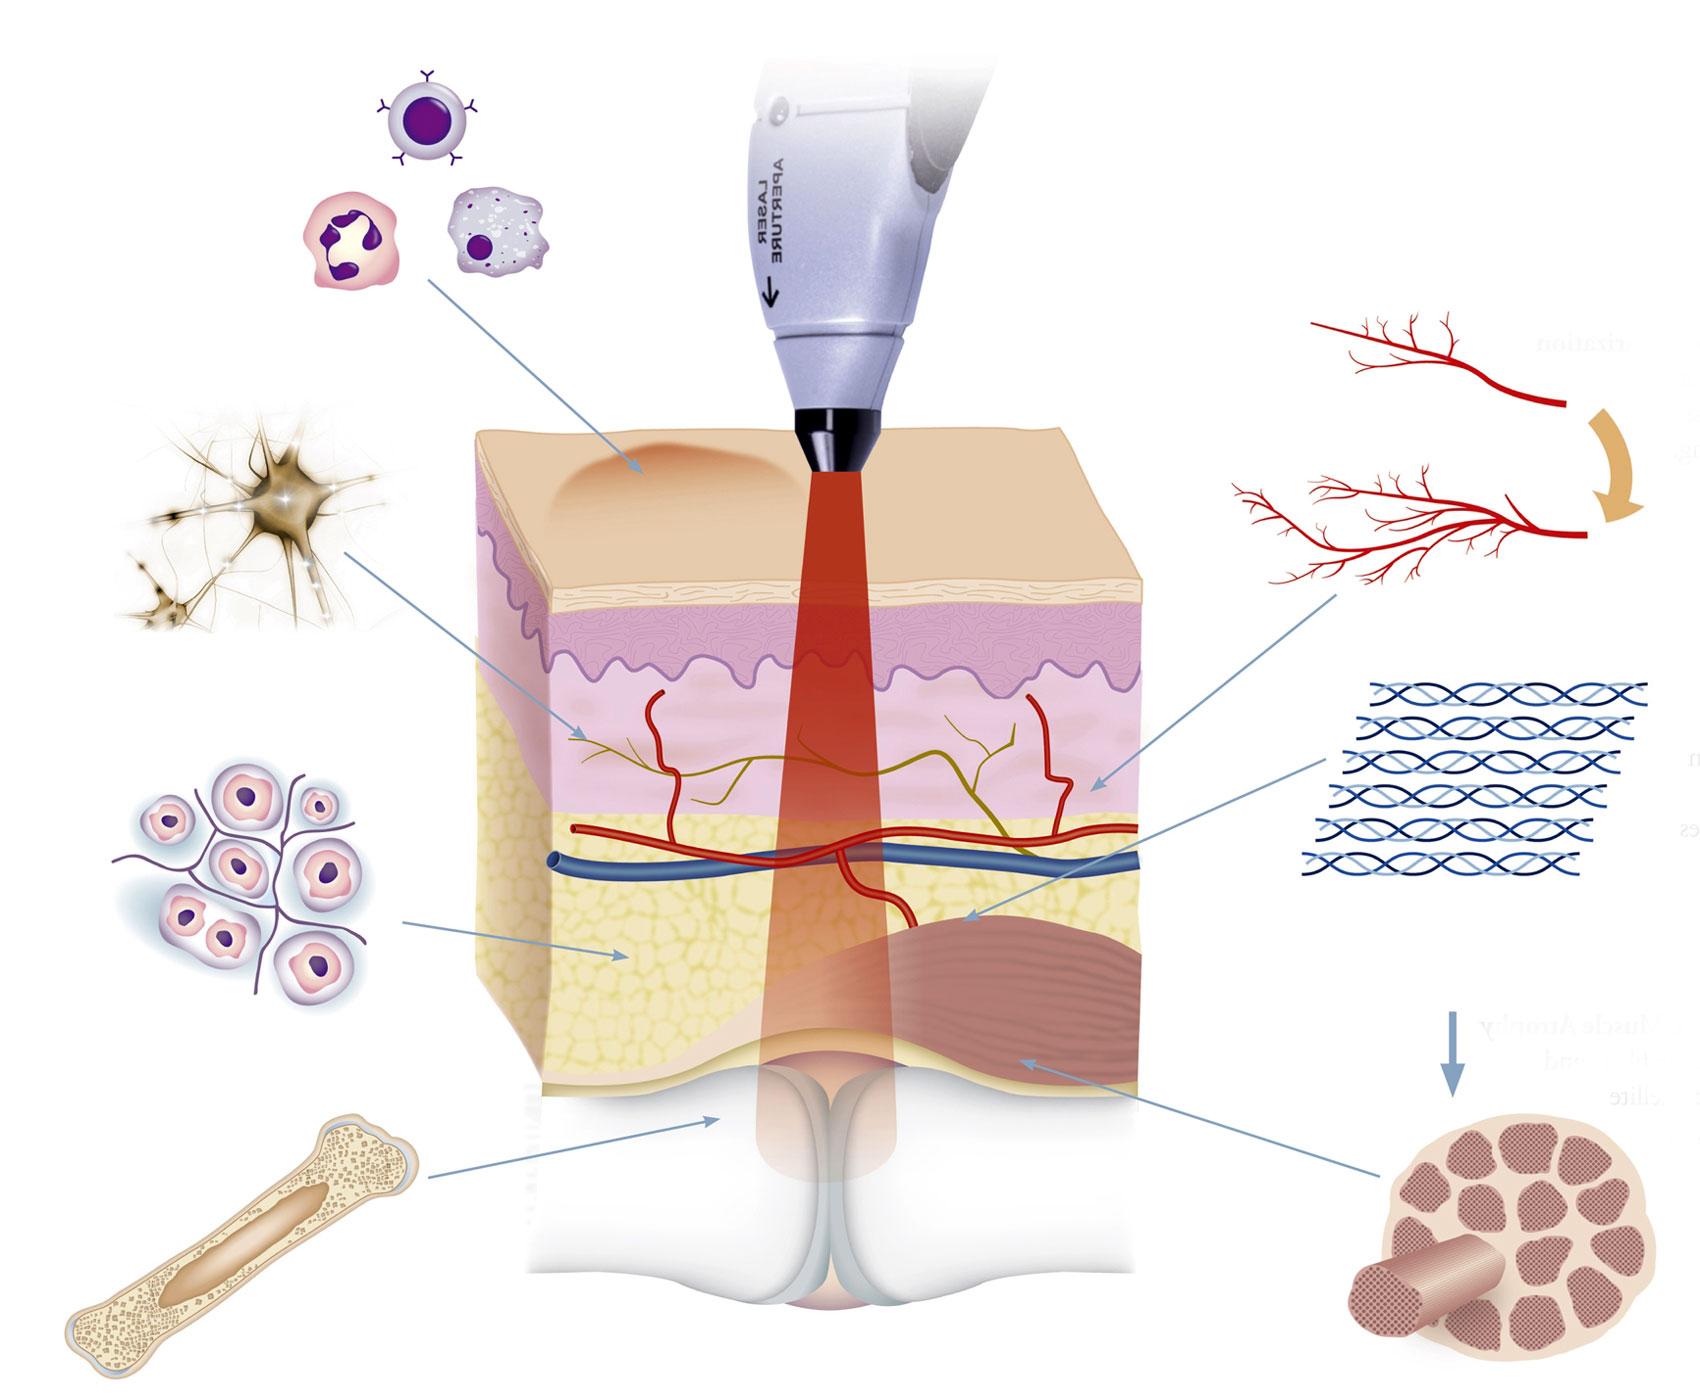 Воздействие лазера на воспаленные ткани